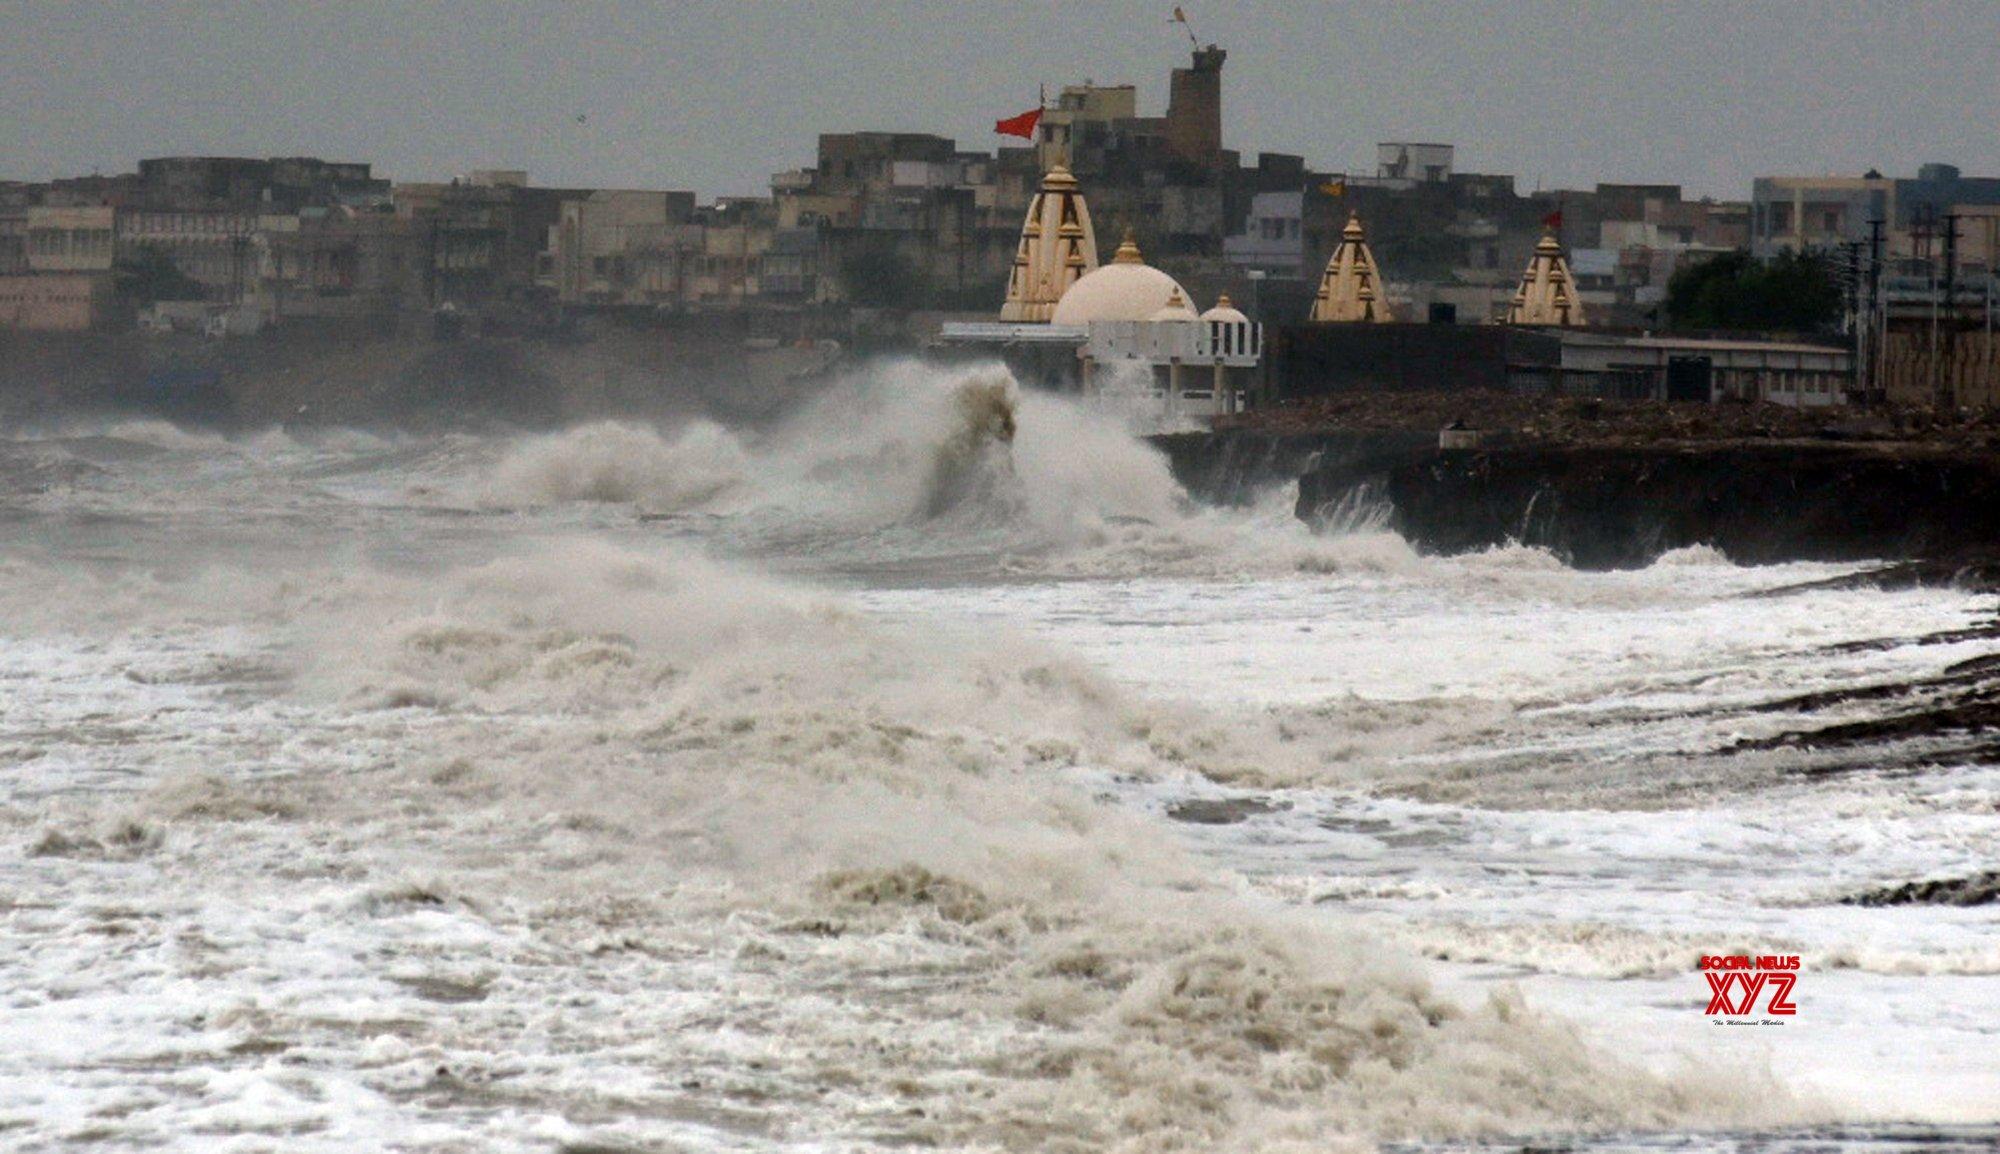 Porbandar (Gujarat): Cyclone Vayu - High waves lash the coast #Gallery